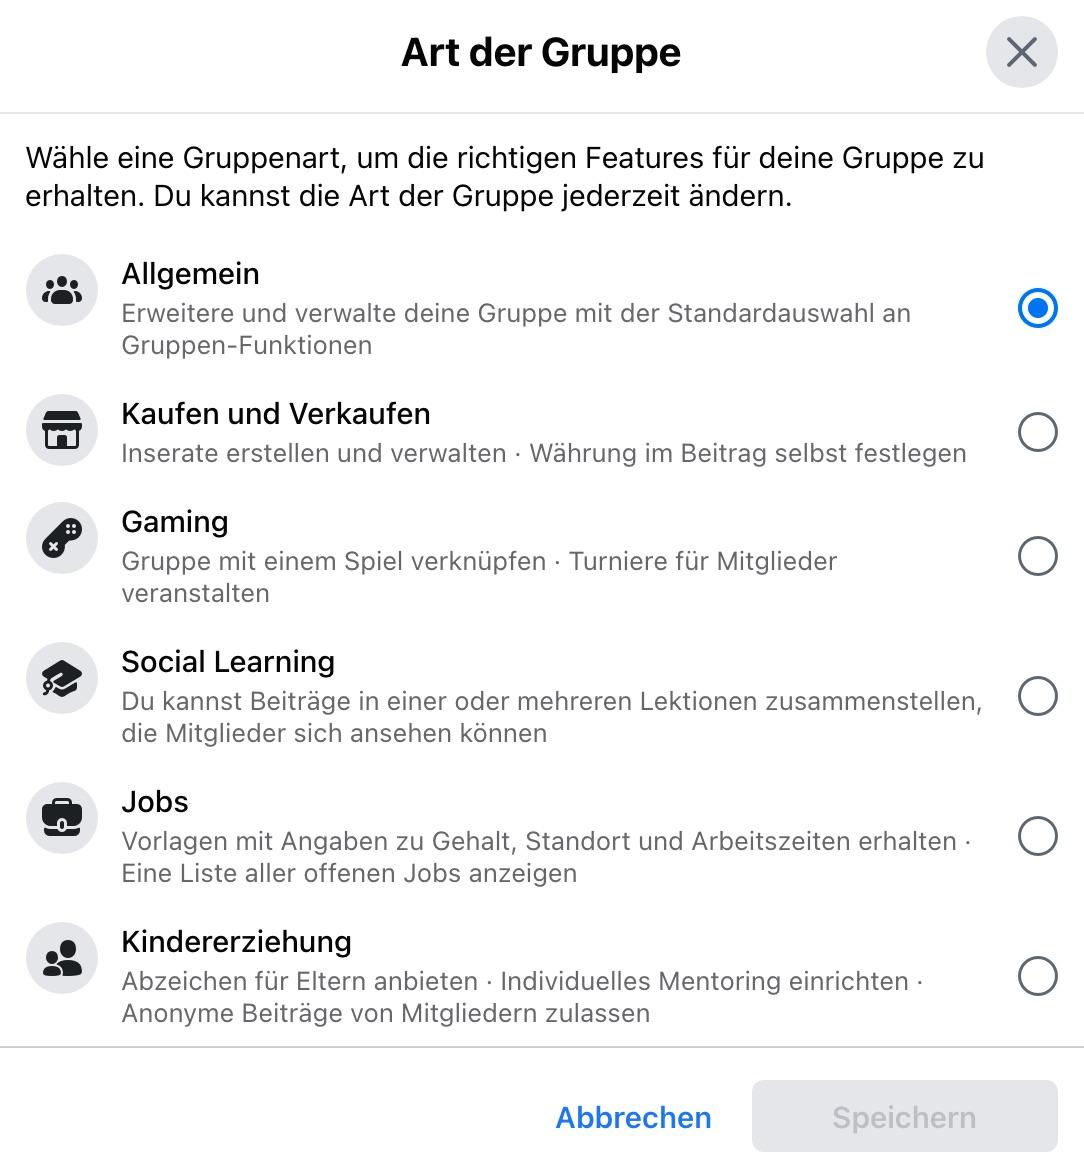 Gerade nicht app eingestellt werden kann deutsch leider facebook Leider kann